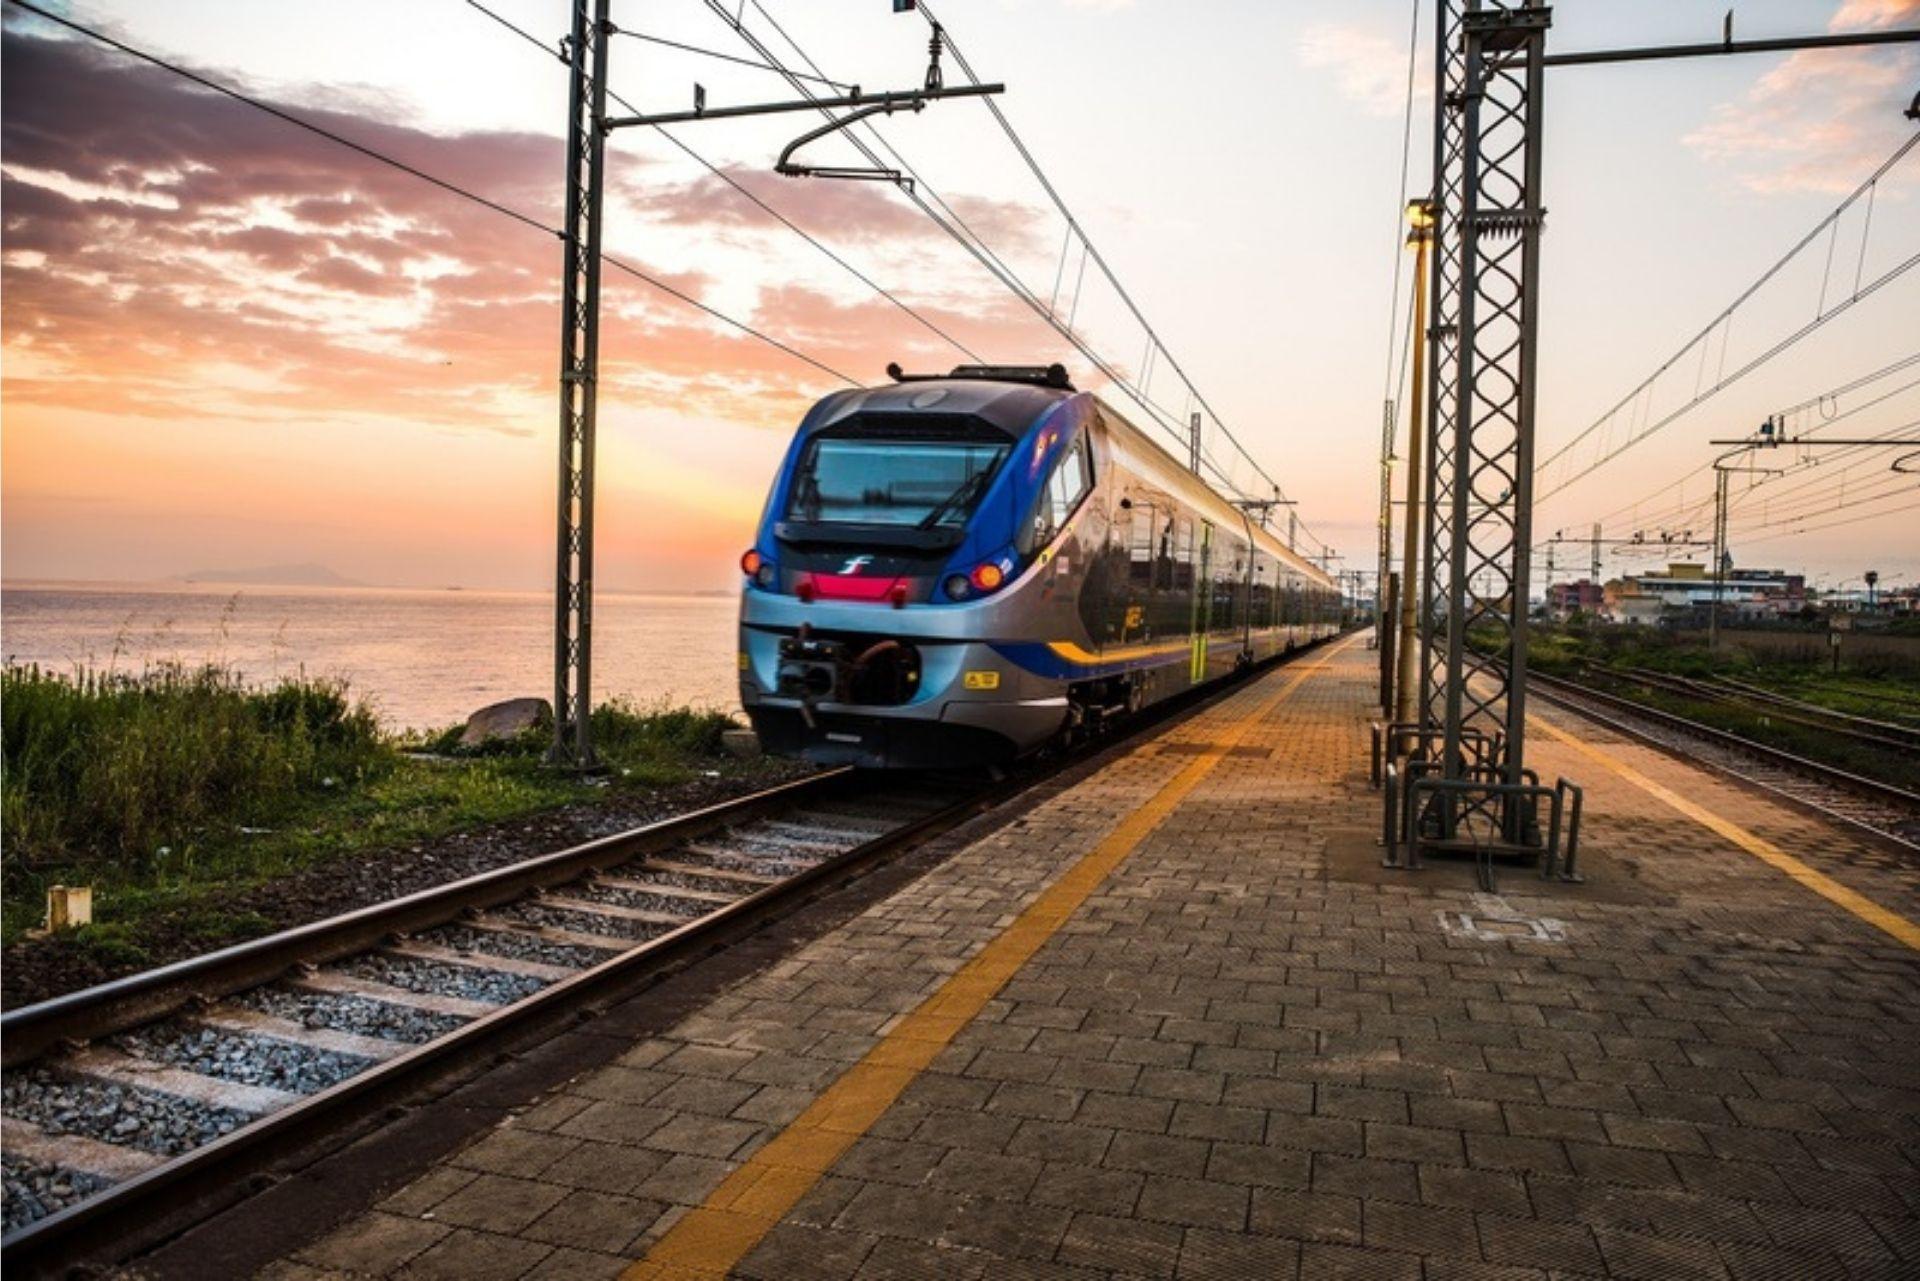 Nuovi collegamenti Trenitalia: treno+bus per raggiungere le spiagge calabresi